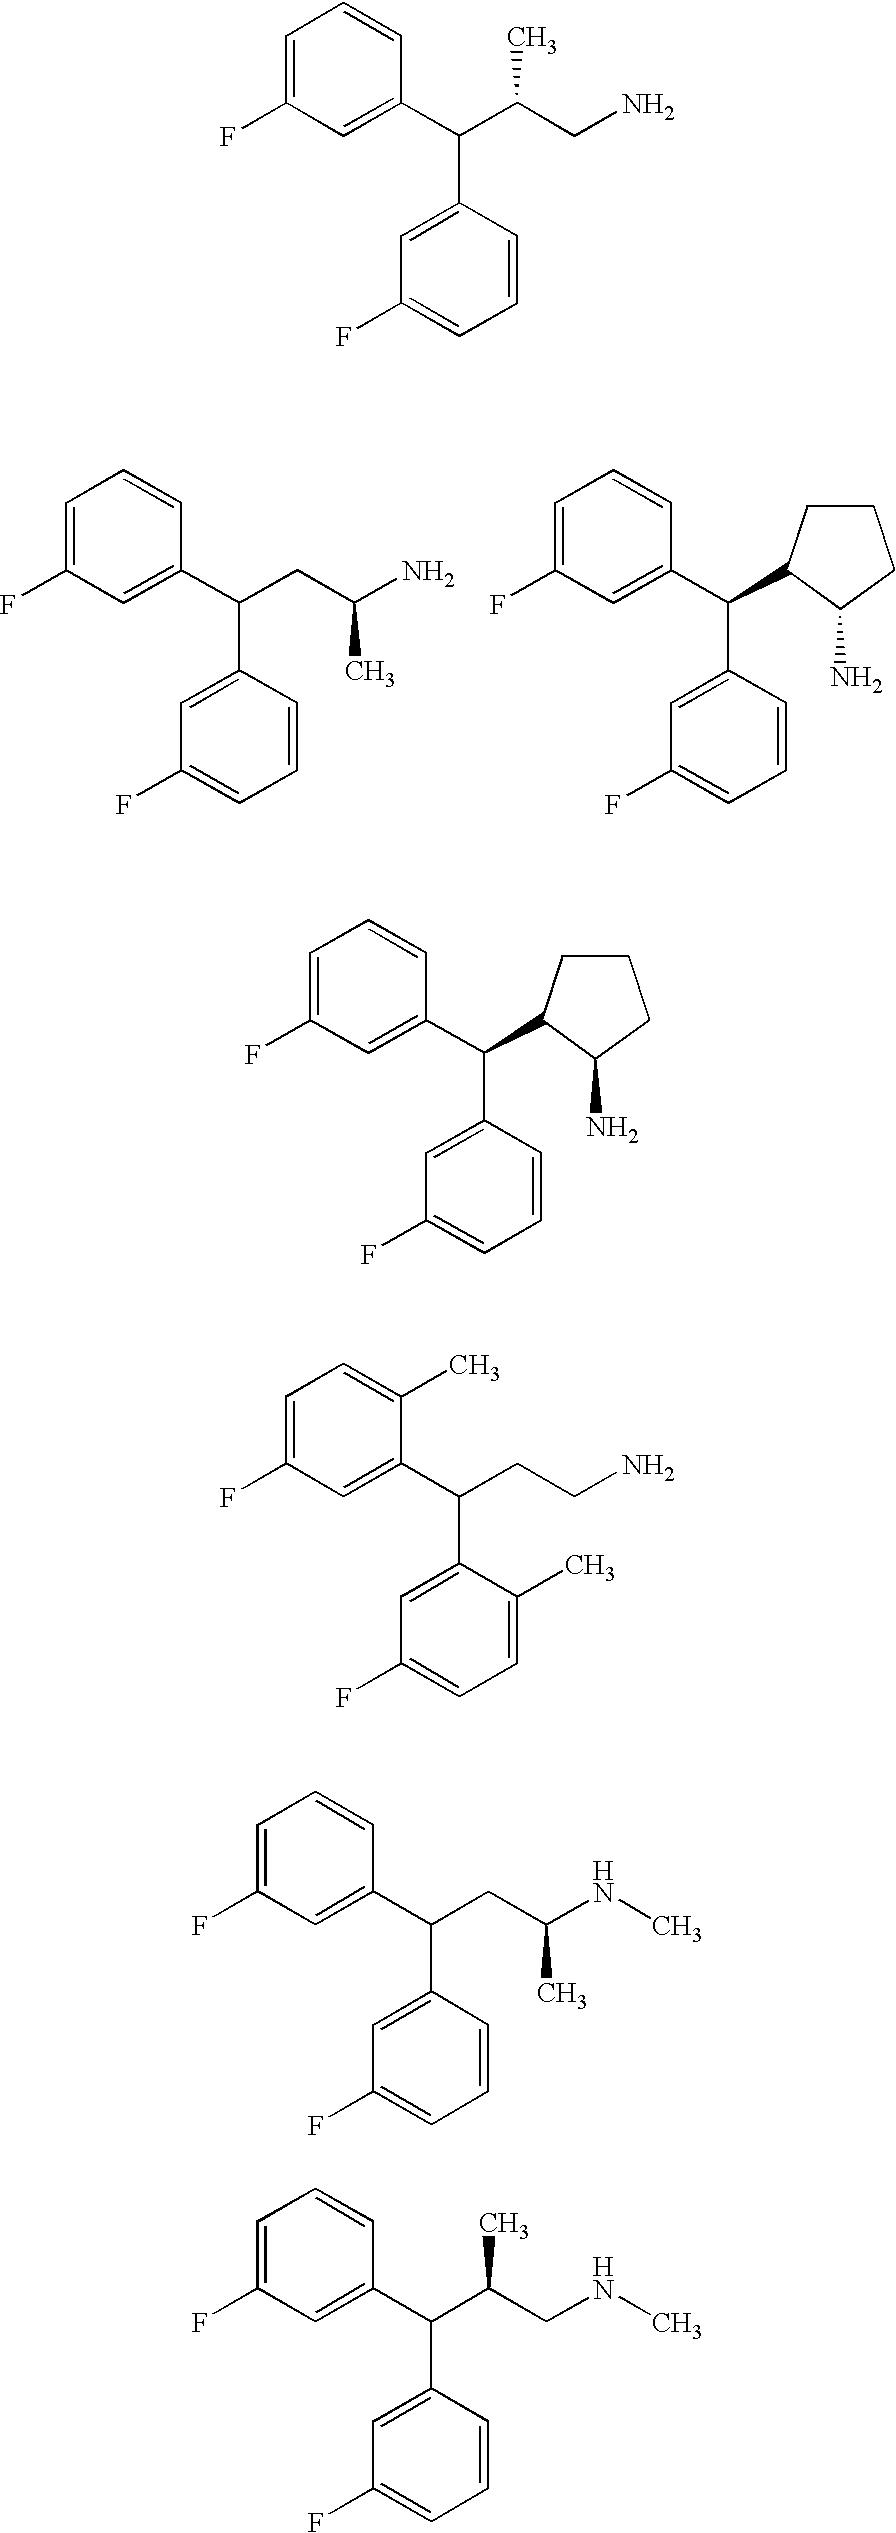 Figure US20050282859A1-20051222-C00008